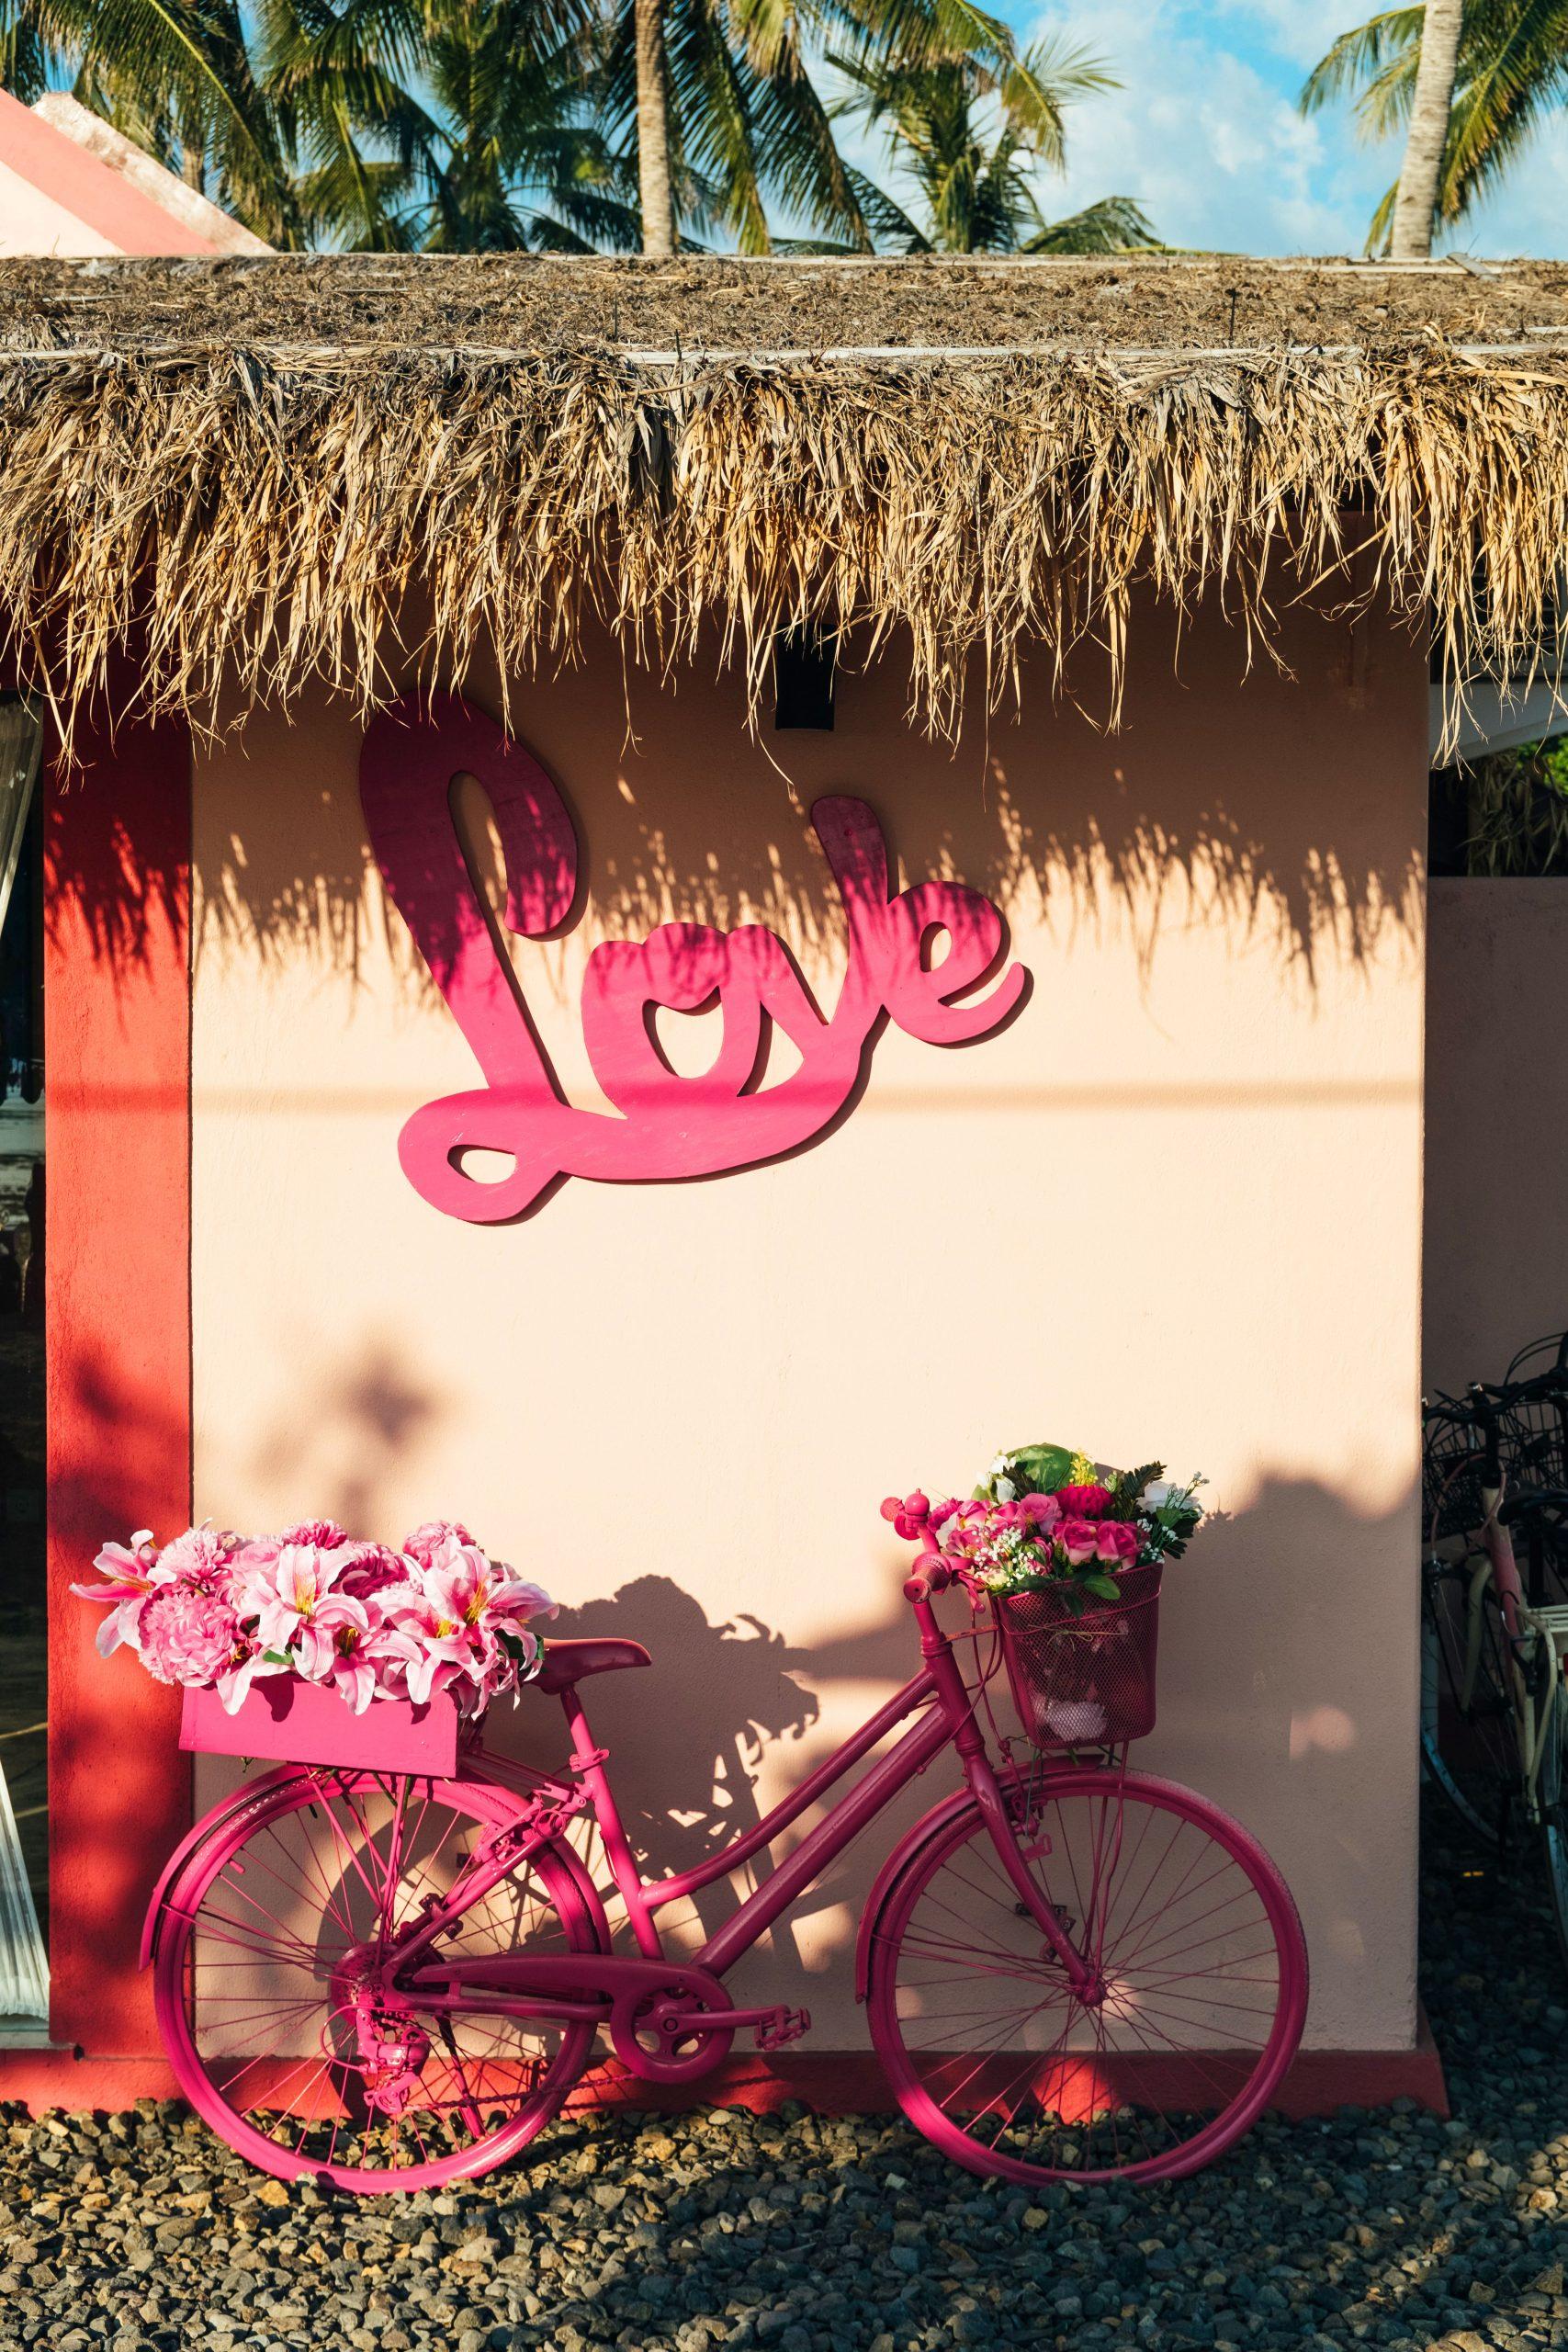 2021 Love Couple Sad Dp Images photo hd